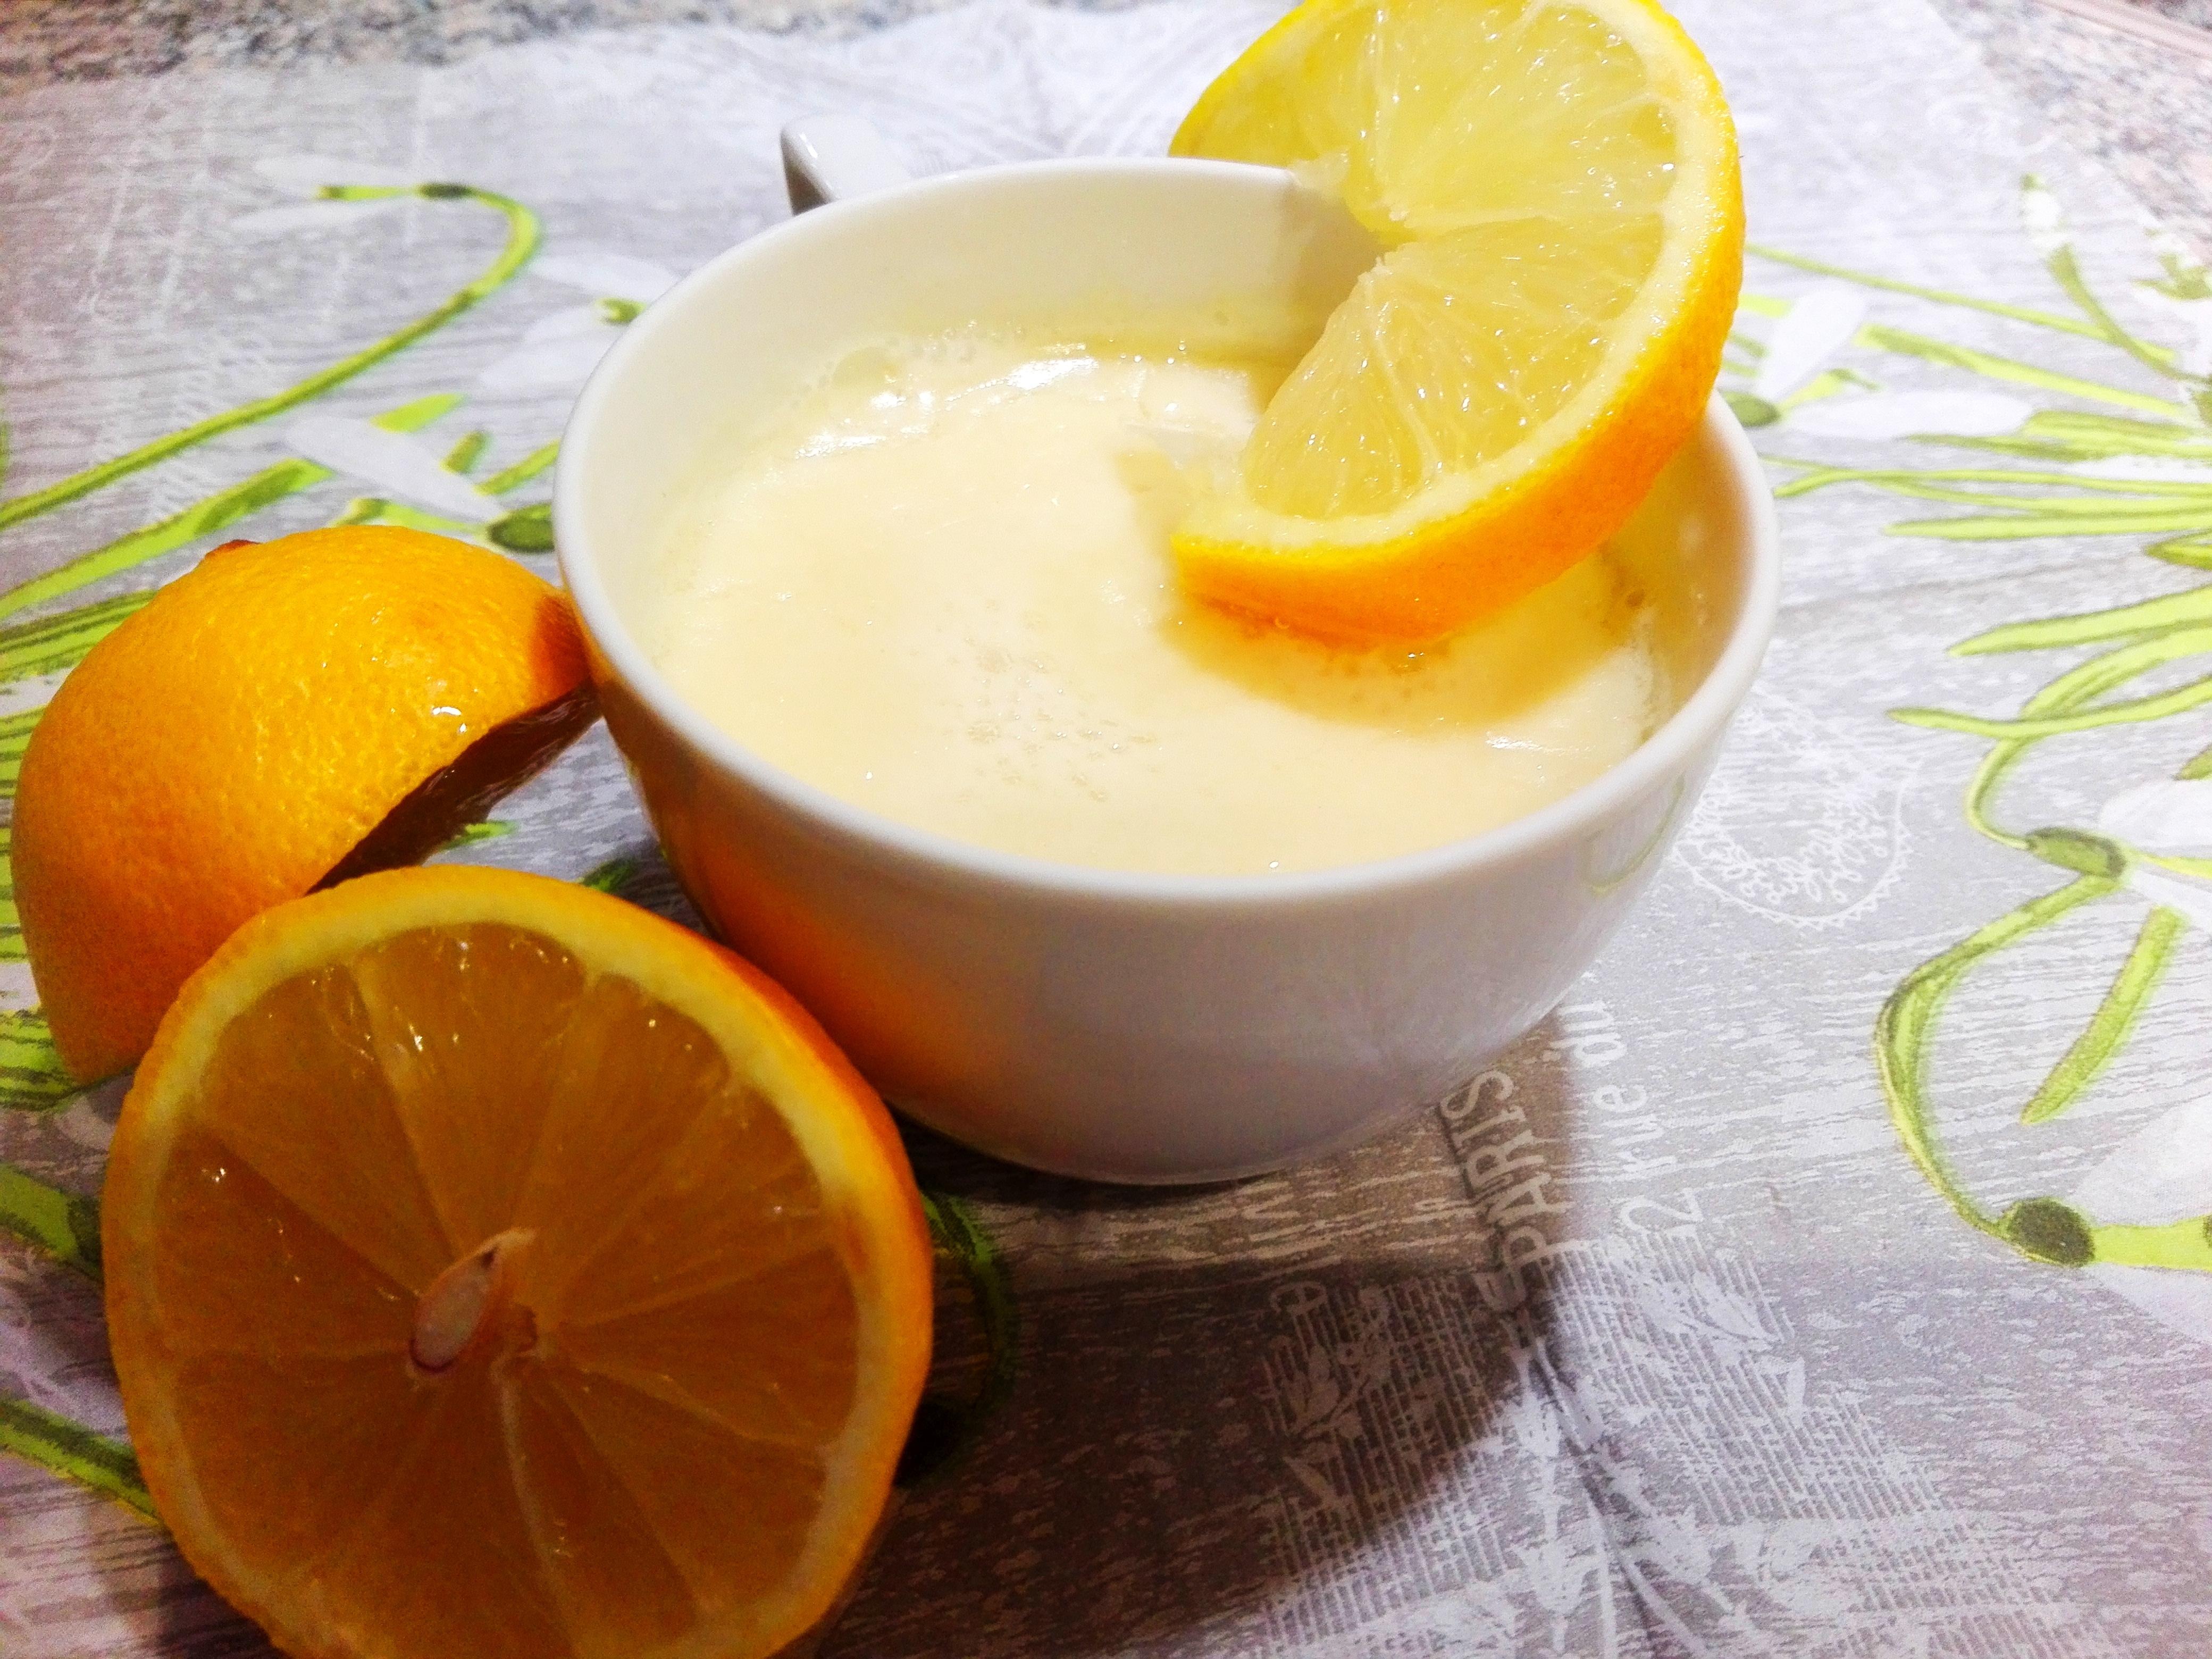 Gesunder Nachtisch- Mandel-Zitronen-Speise mit Zitronenscheiben